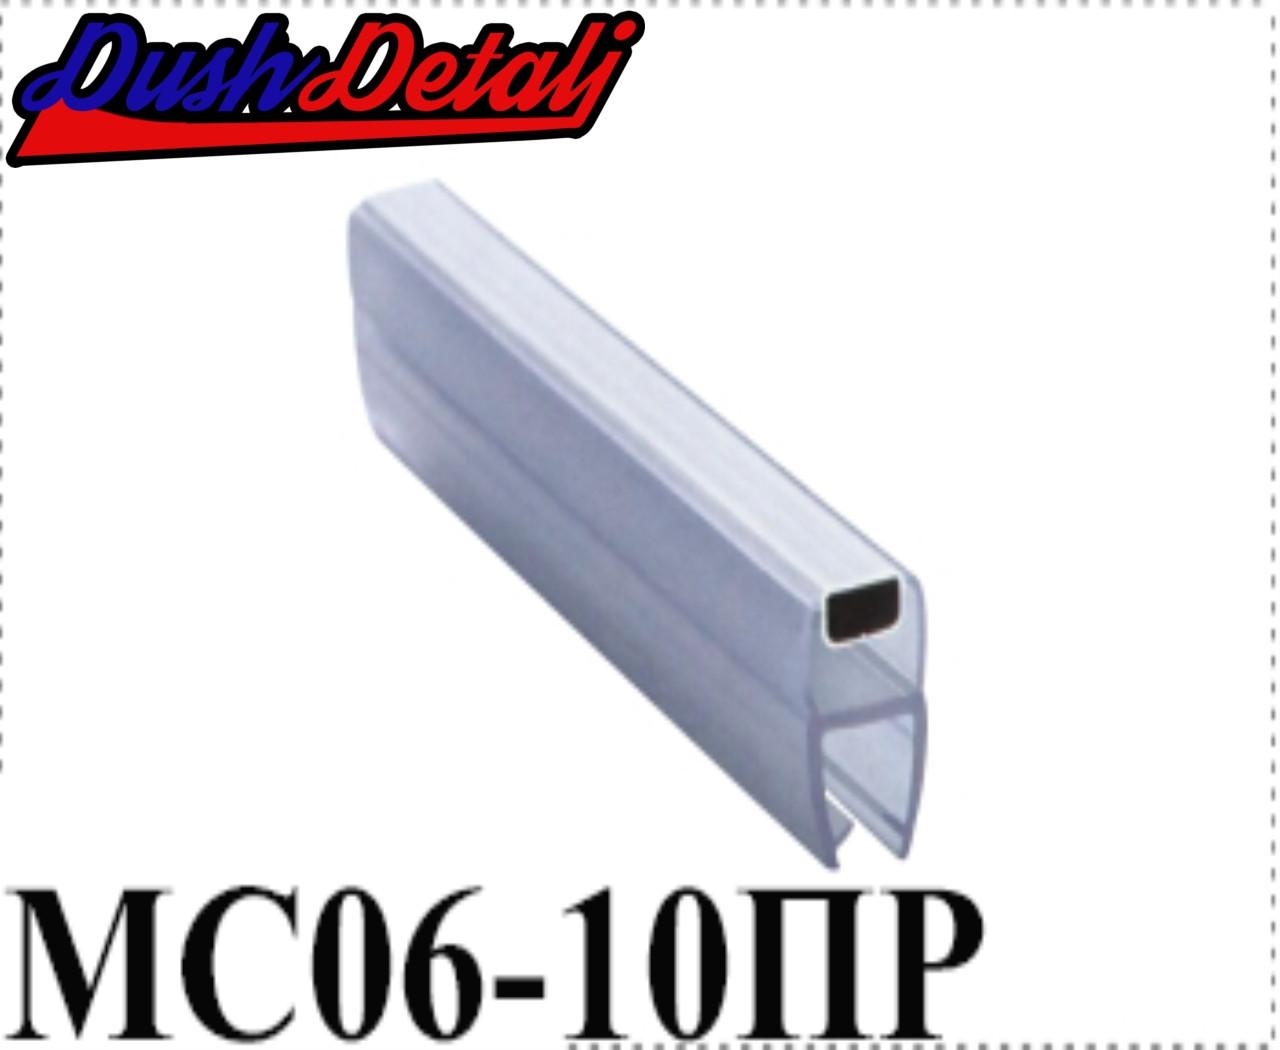 Магниты для  дверей душевой кабины, прямой ( MC06ПР )  Стык магнитный, силиконовый